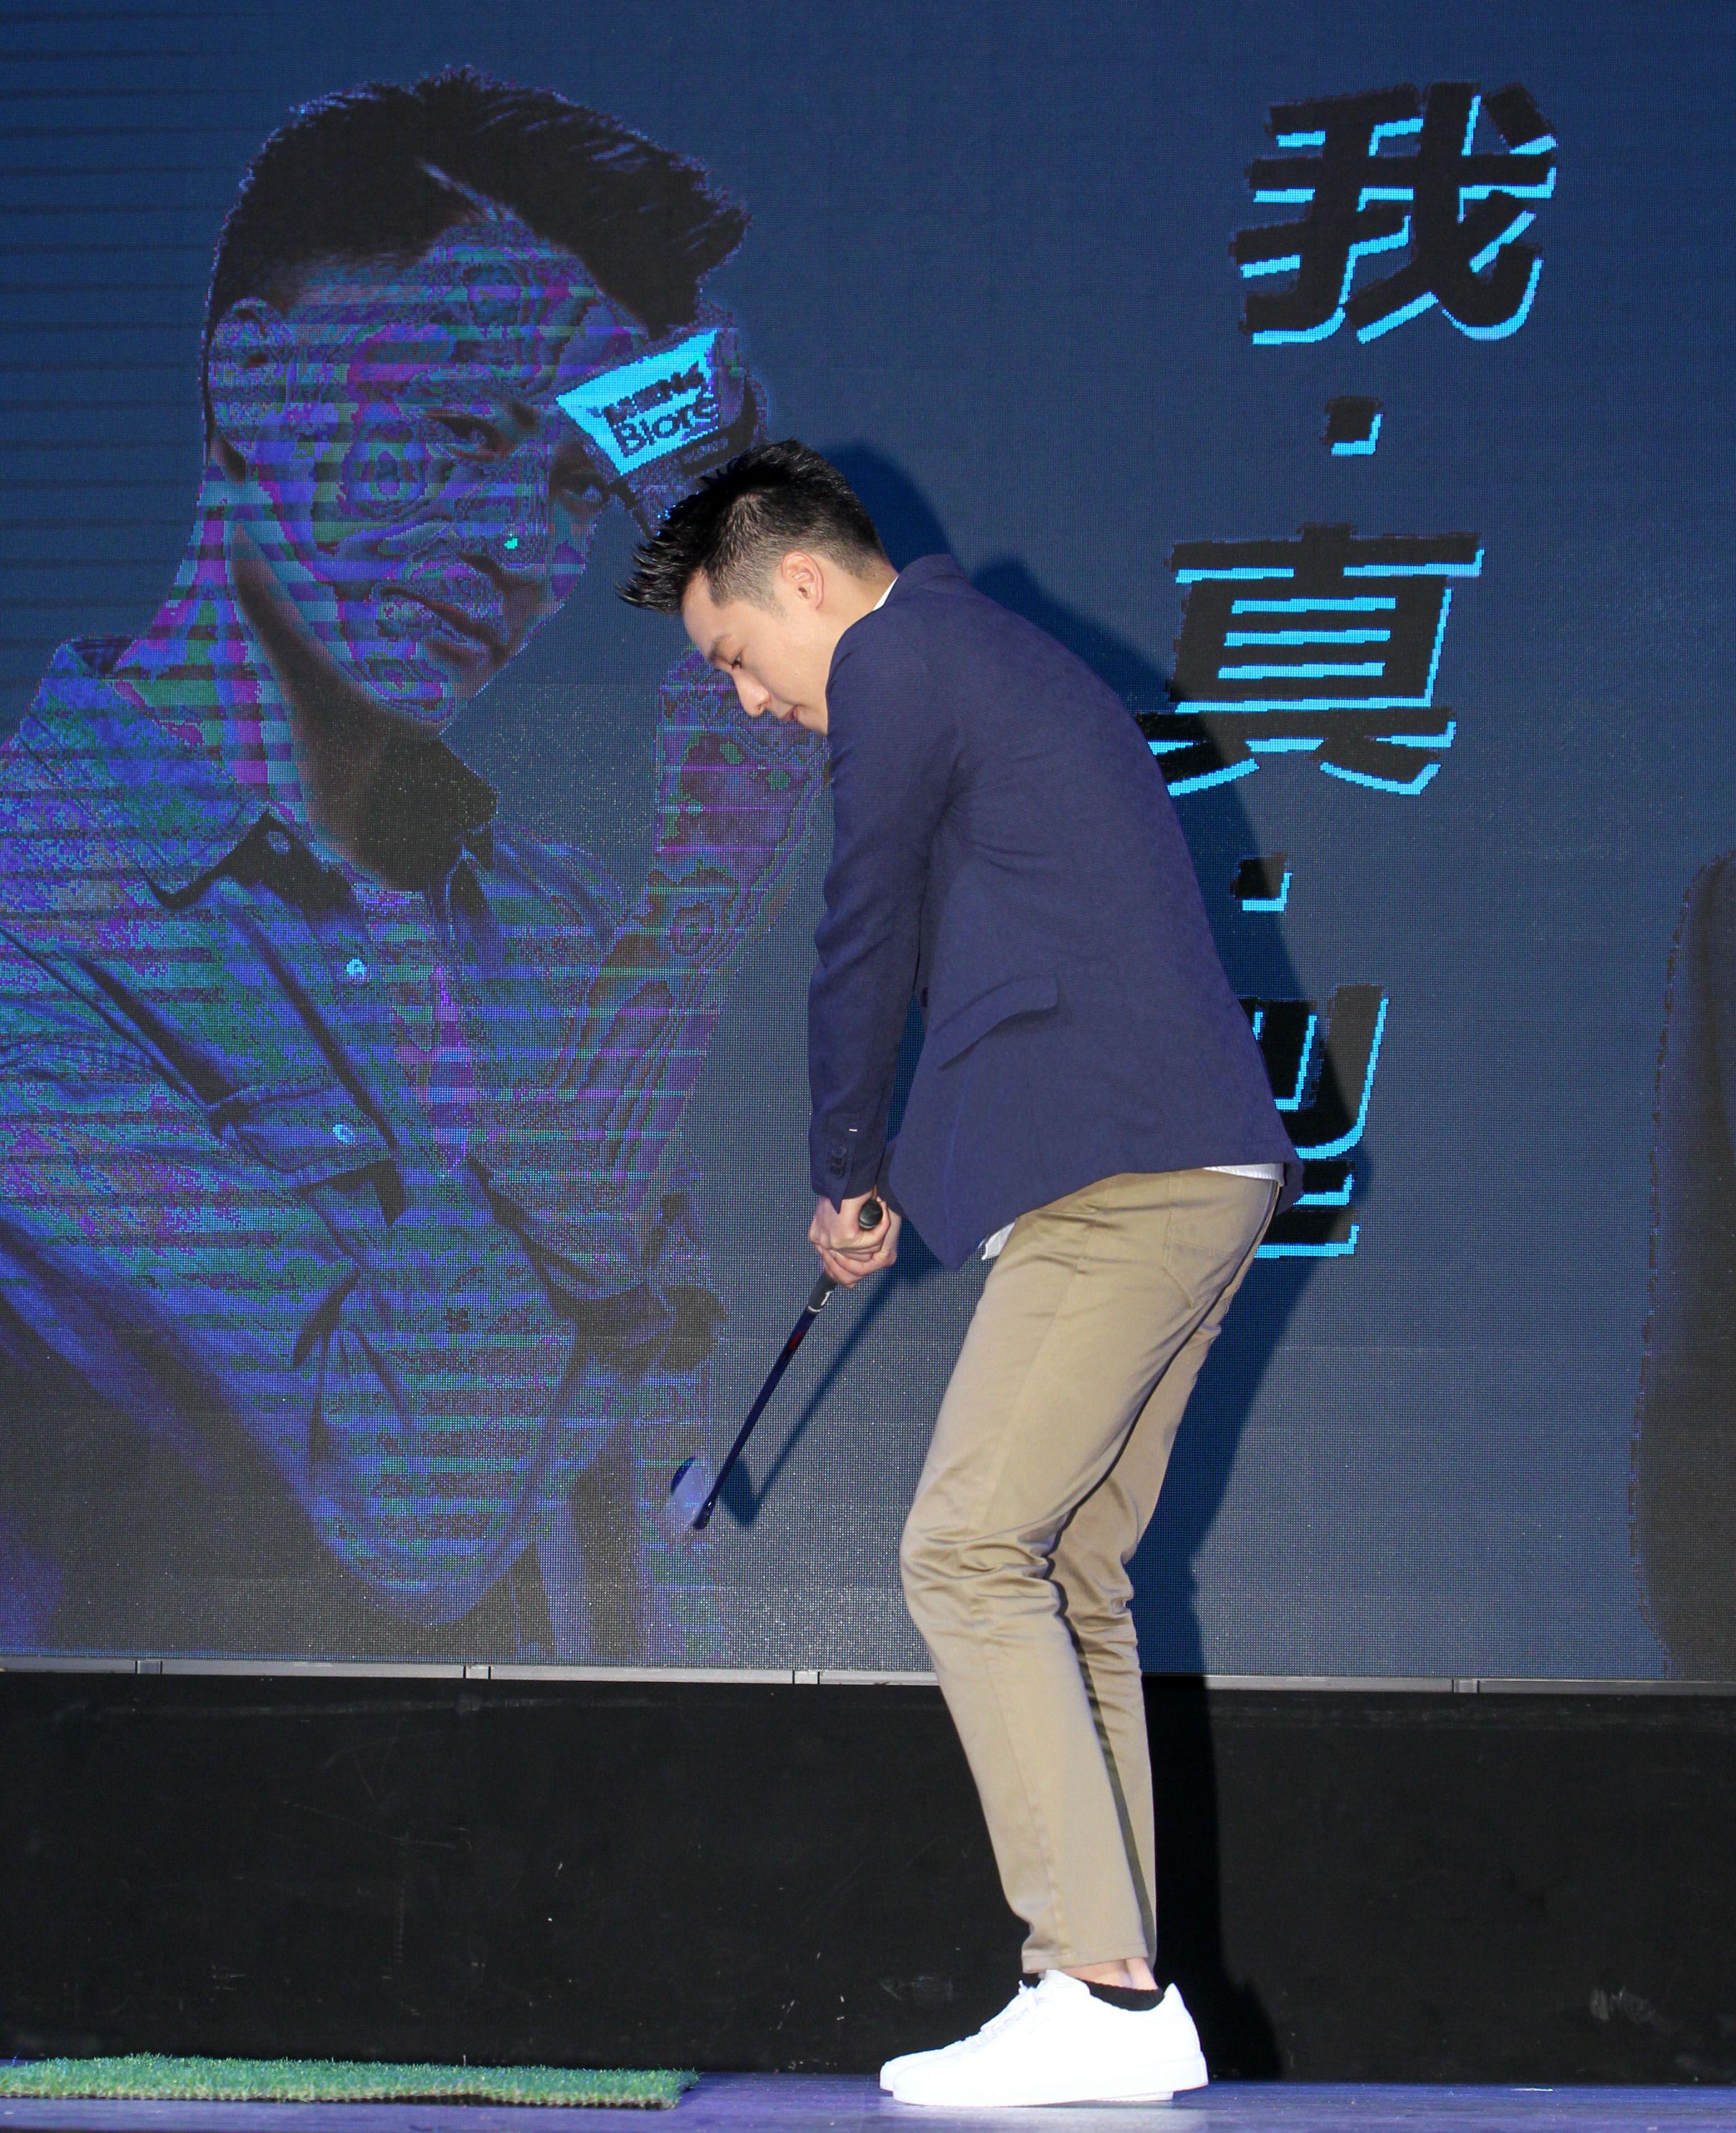 周湯豪在DJ台上帥氣的刷牒並做職業級的高爾夫揮竿動作。(記者邱榮吉/攝影)